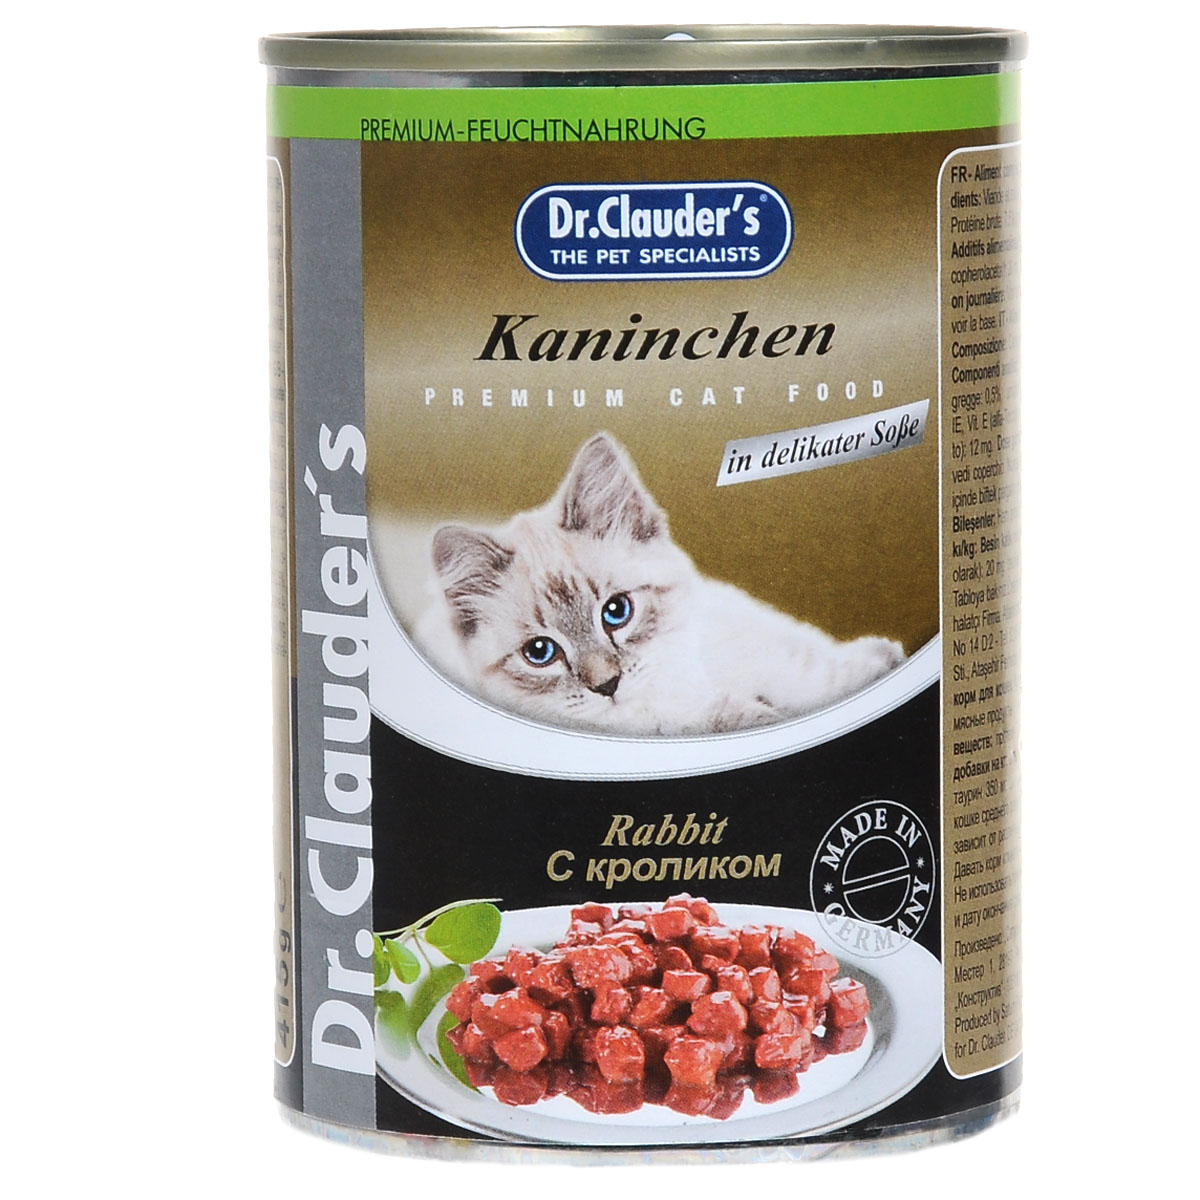 Консервы для кошек Dr. Clauders, кролик, 415 г24Полнорационное питание домашних питомцев - основная головная боль их владельцев. Каждый владелец кошки старается подобрать для своей питомицы сбалансированный и подходящий именно ей рацион. Одни меняют корма несколько раз. Консервы для кошек Dr. Clauders обладают отличными вкусовыми качествами. В этом корме есть все, в чем ваша любимица нуждается каждый день - витамины, макро- и микроэлементы, биологически активные вещества. Прекрасный аппетит во время еды и сытое урчание после гарантировано. Шелковистая блестящая шерсть, хорошее настроение, физическая активность и отменное здоровье - таким будет результат вашей заботы и правильно отношения к питанию кошки. Состав: мясо и мясные продукты (мин. 4% кролика), злаки, минералы, сахар. Питательные вещества: протеин 7,5%, жир 4,5%, зола 2,5%, клетчатка 0,5%, влажность 81%.Пищевые добавки: витамин А 2000МЕ, витамин D3 200МЕ, витамин Е 20 мг, таурин 350 мг, цинк 12 мг.Товар сертифицирован.